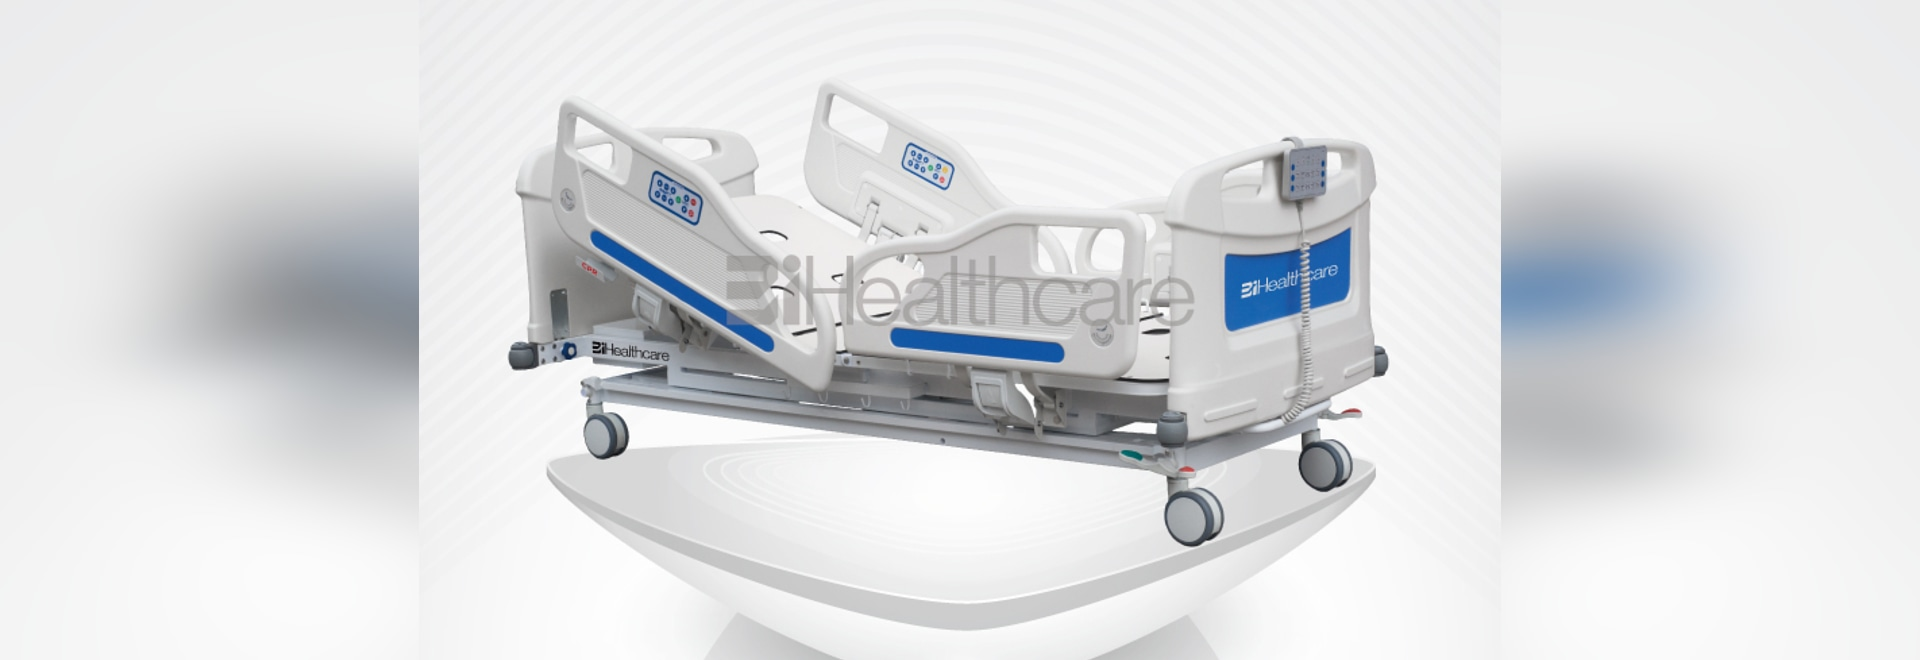 Lit d'hôpital électrique de Comfocare de BiHealthcare